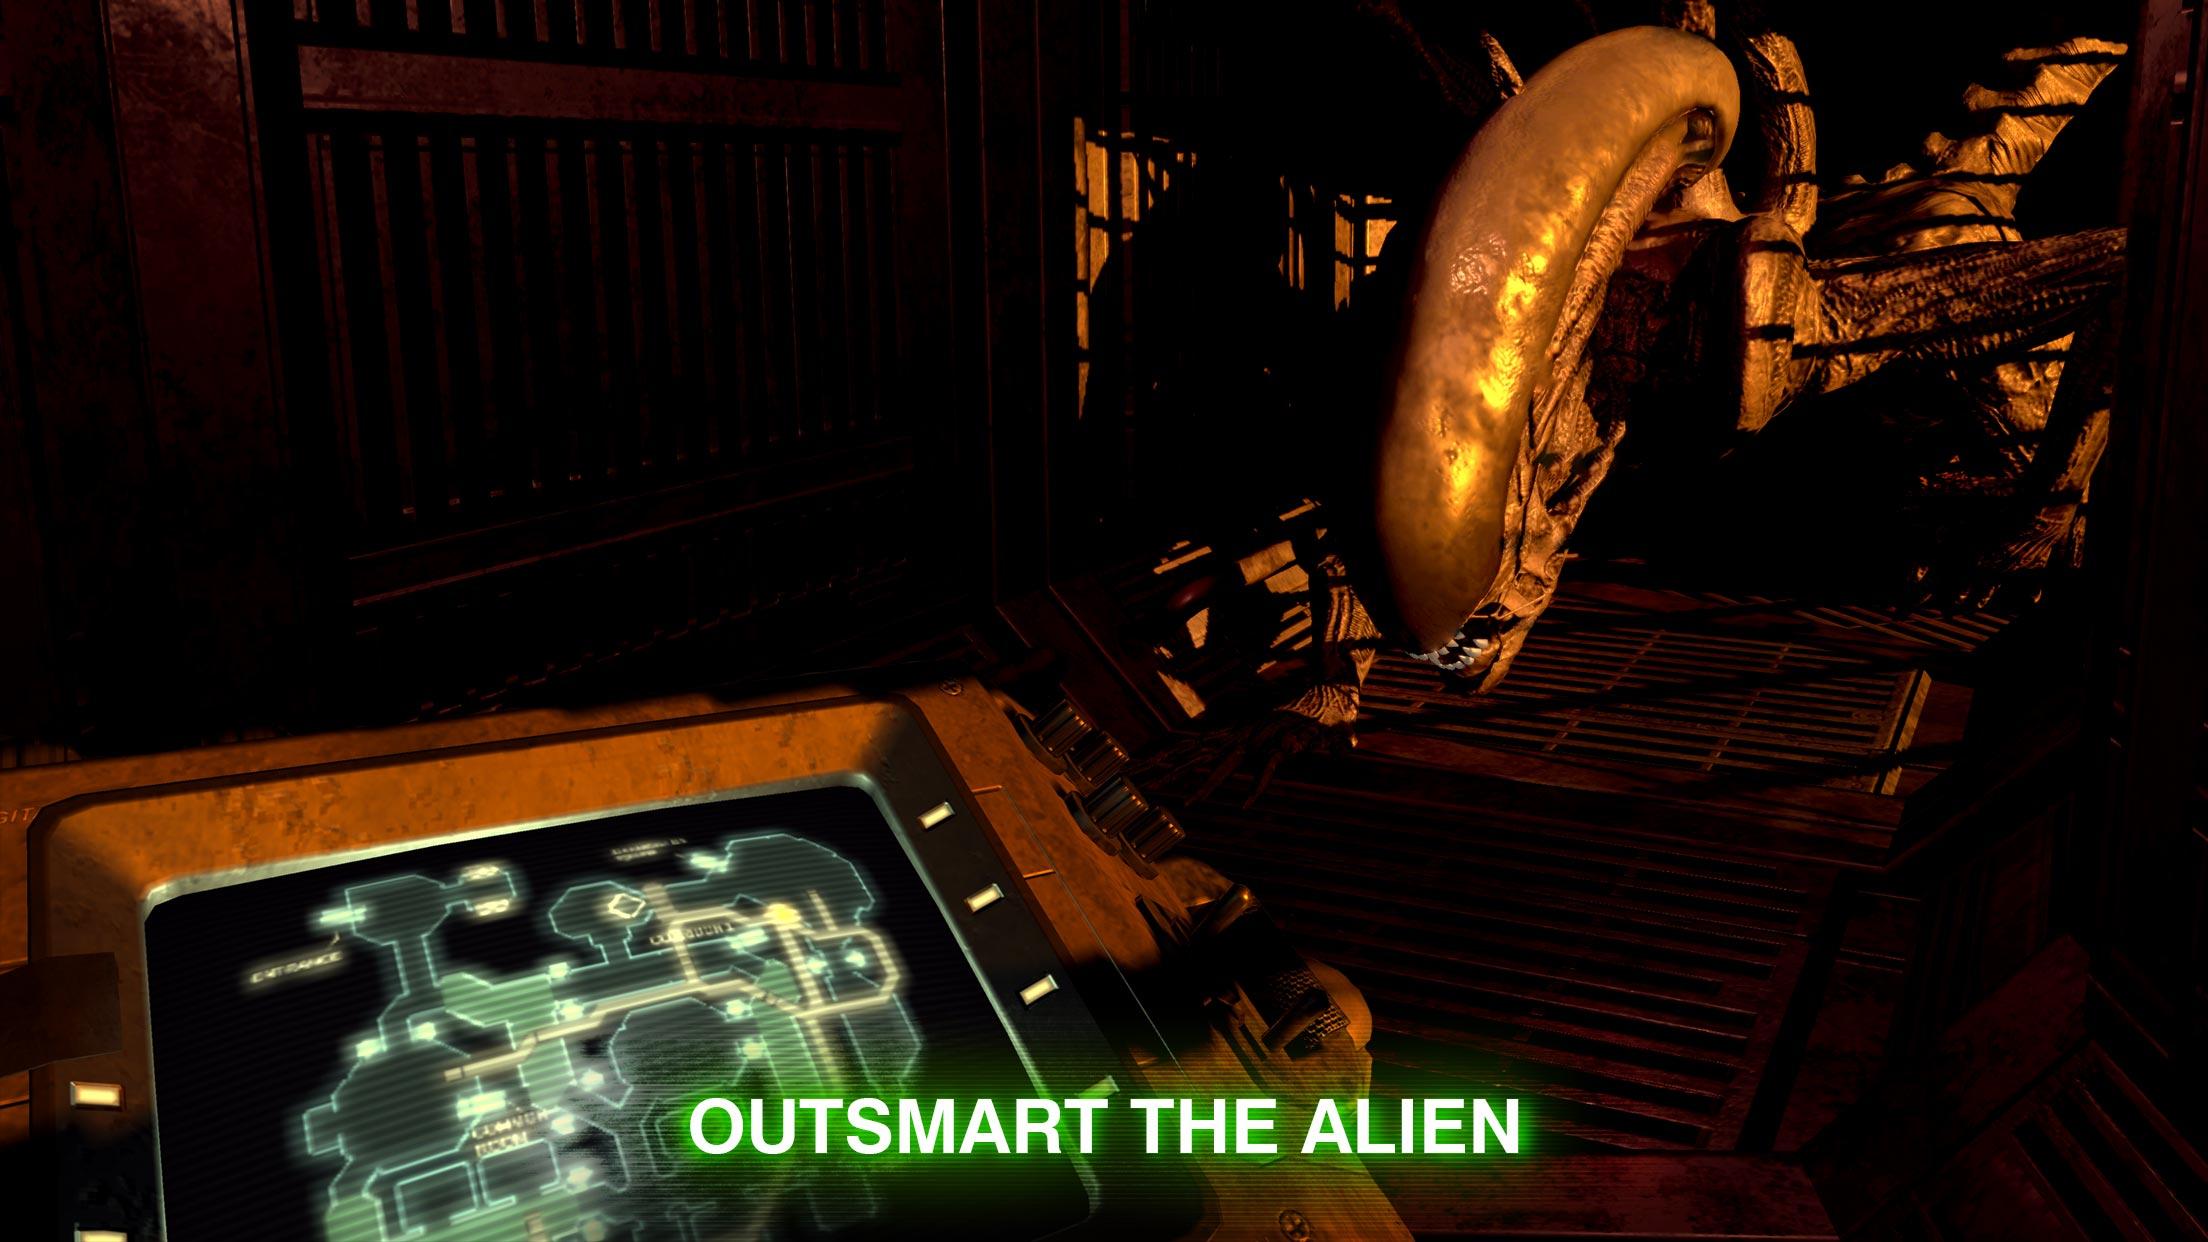 """Actualización: """"Alien: Blackout"""" es un juego móvil de terror de supervivencia en la franquicia Alien que promete una experiencia alienígena de primera clase 1"""